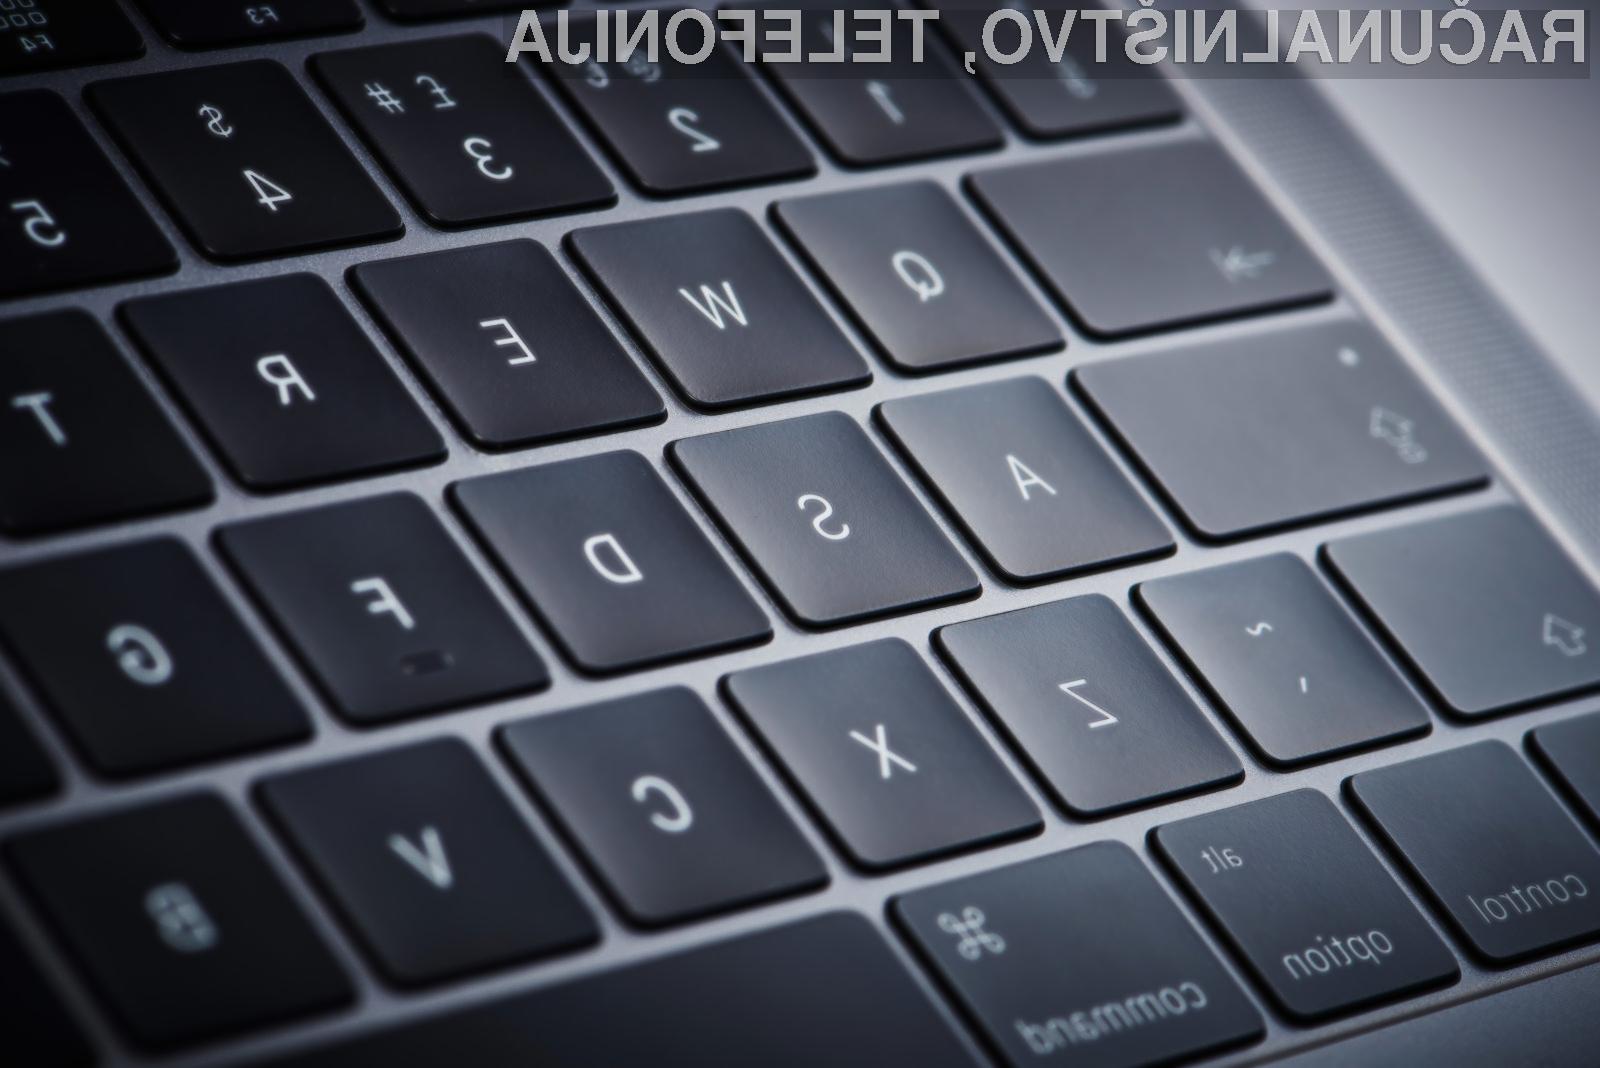 Preverite, kako se je na preizkusu obnesla nova tipkovnica prenosnika Apple MacBook Pro!